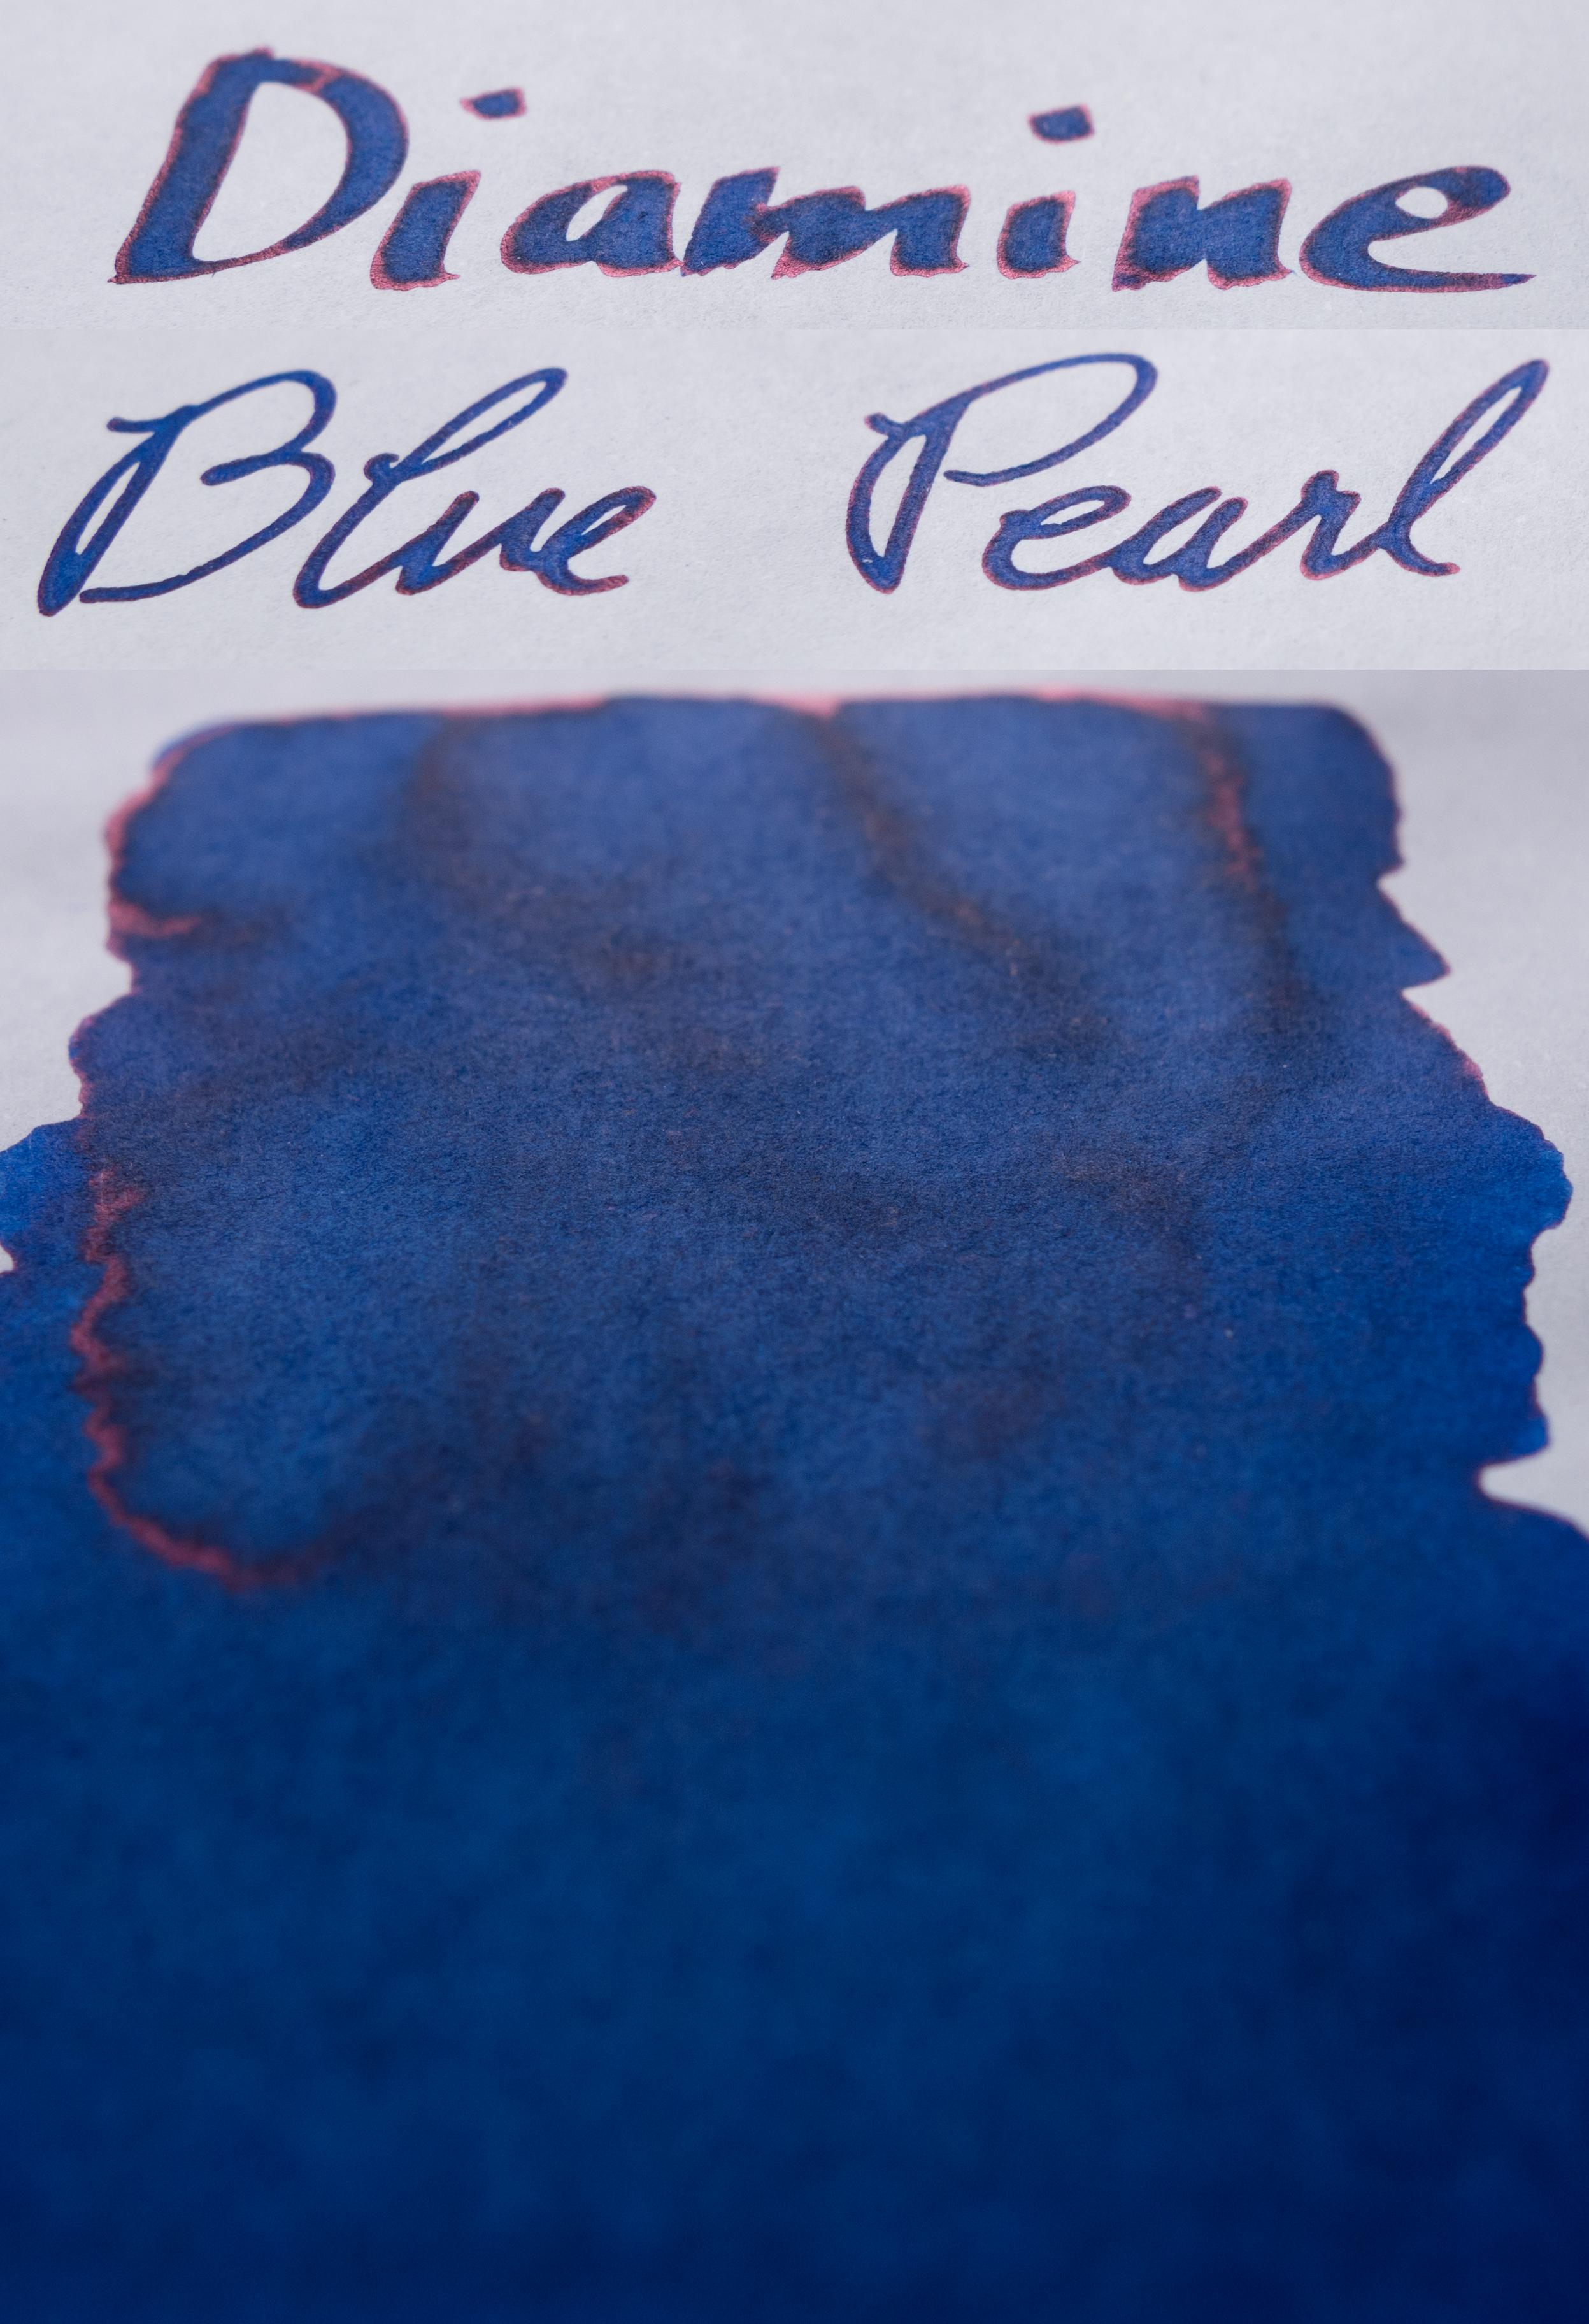 Diamine Blue Pearl Sheen Card.jpg